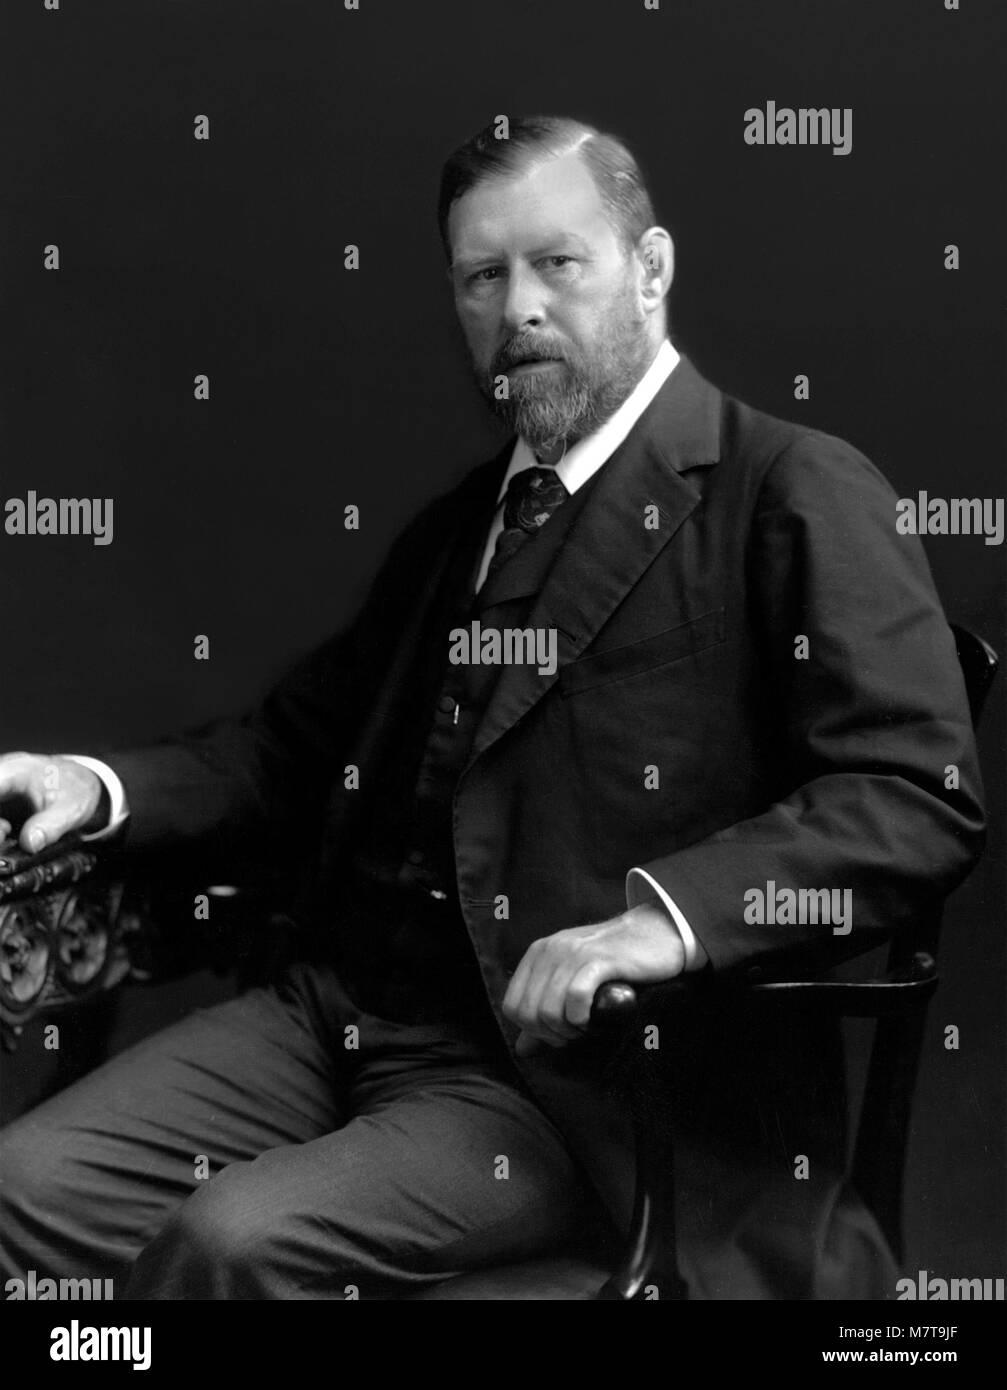 Bram Stoker. Portrait of the creator of Dracula, Abraham 'Bram' Stoker (1847-1912), c.1906. - Stock Image